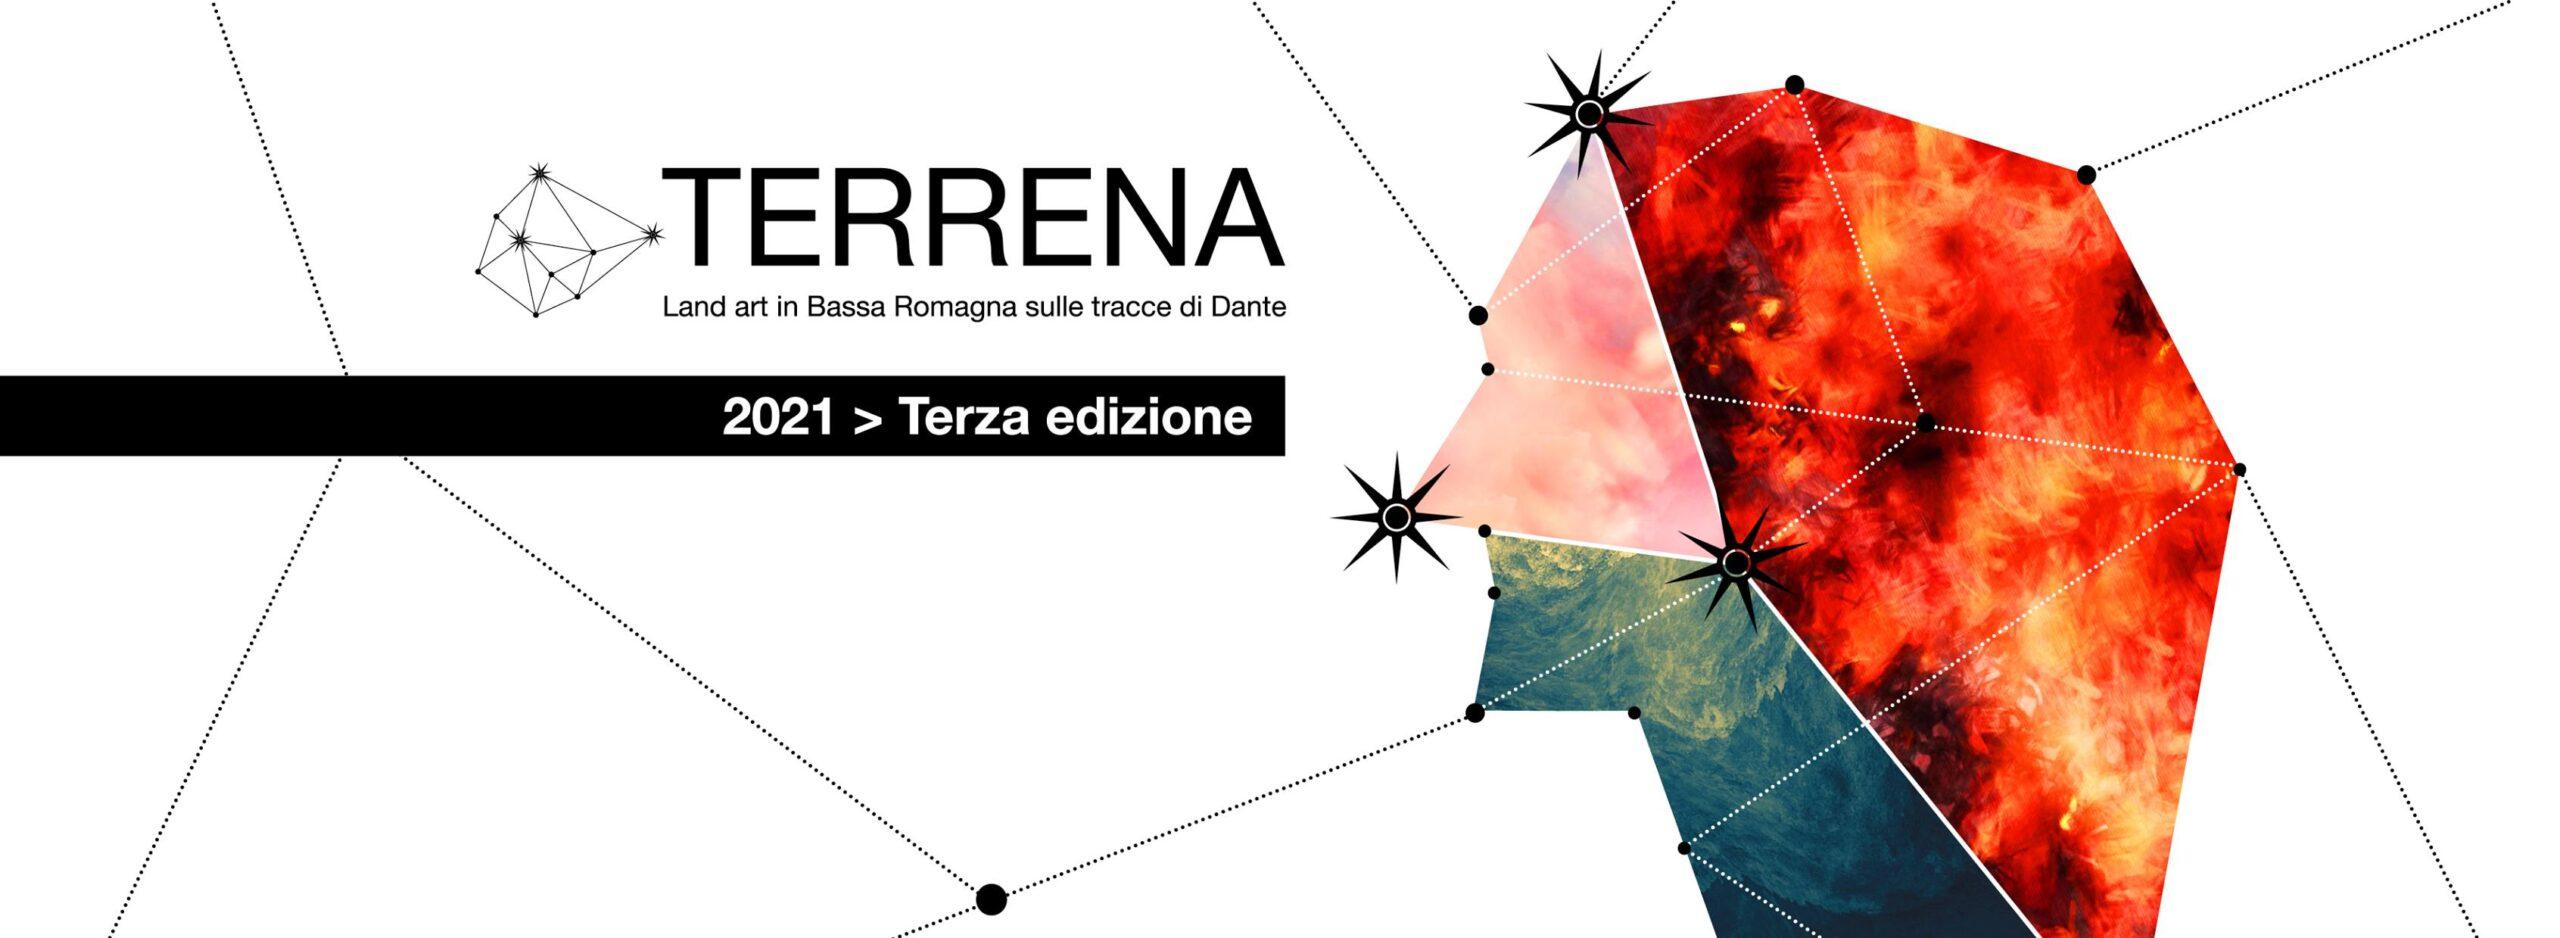 Terrena_Bassa Romagna- Dante 2021